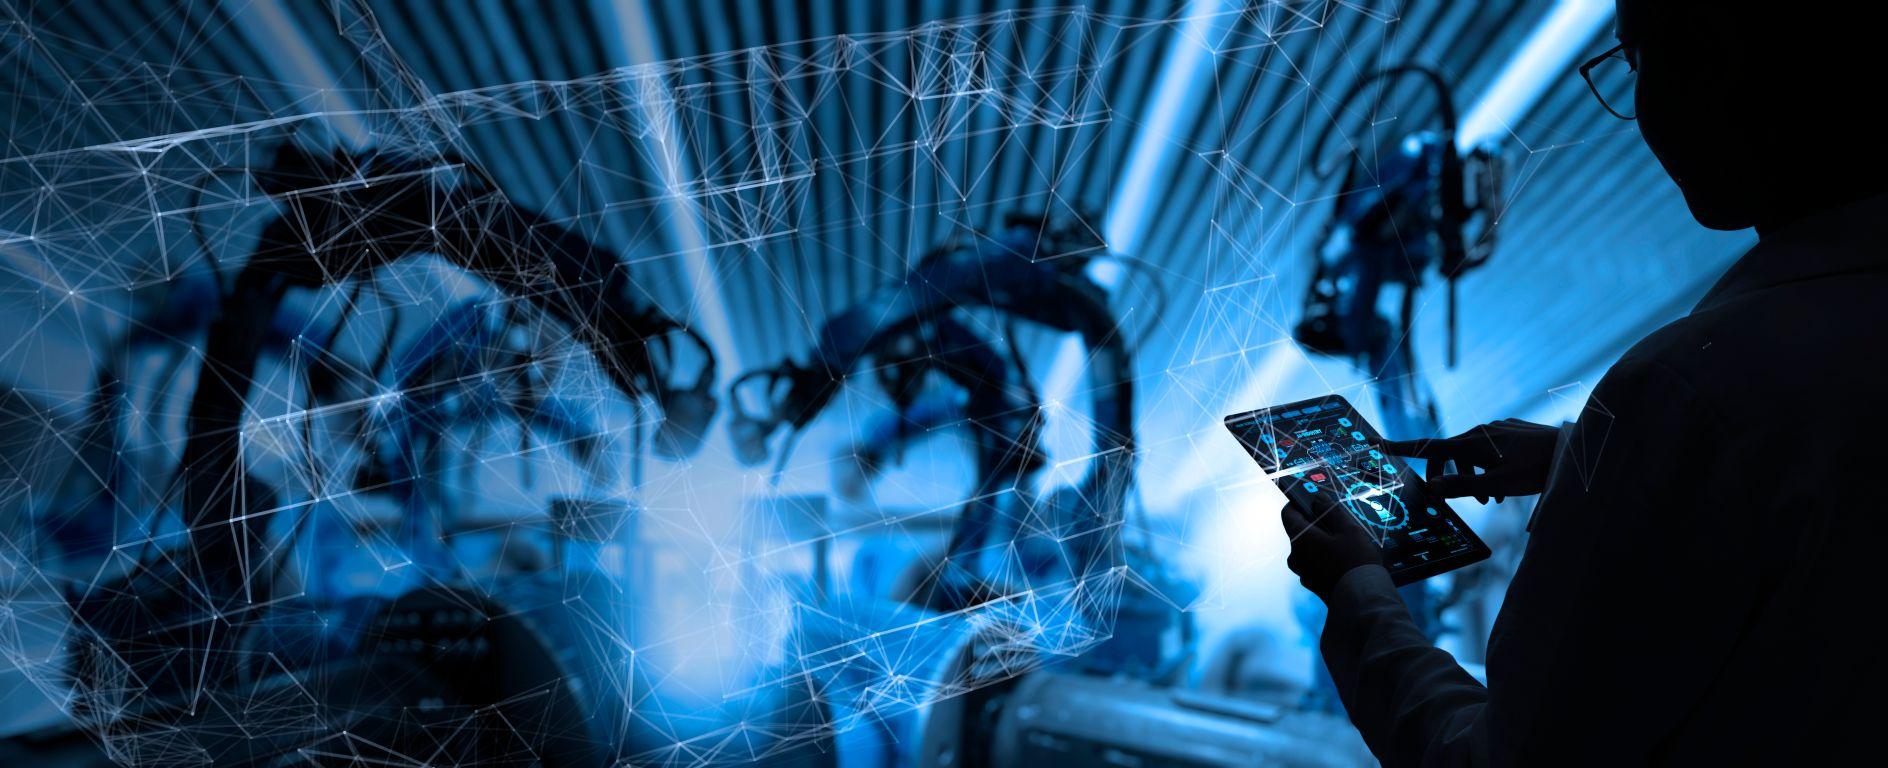 Priemysel 4.0 – automatizácia, digitalizácia a robotizácia